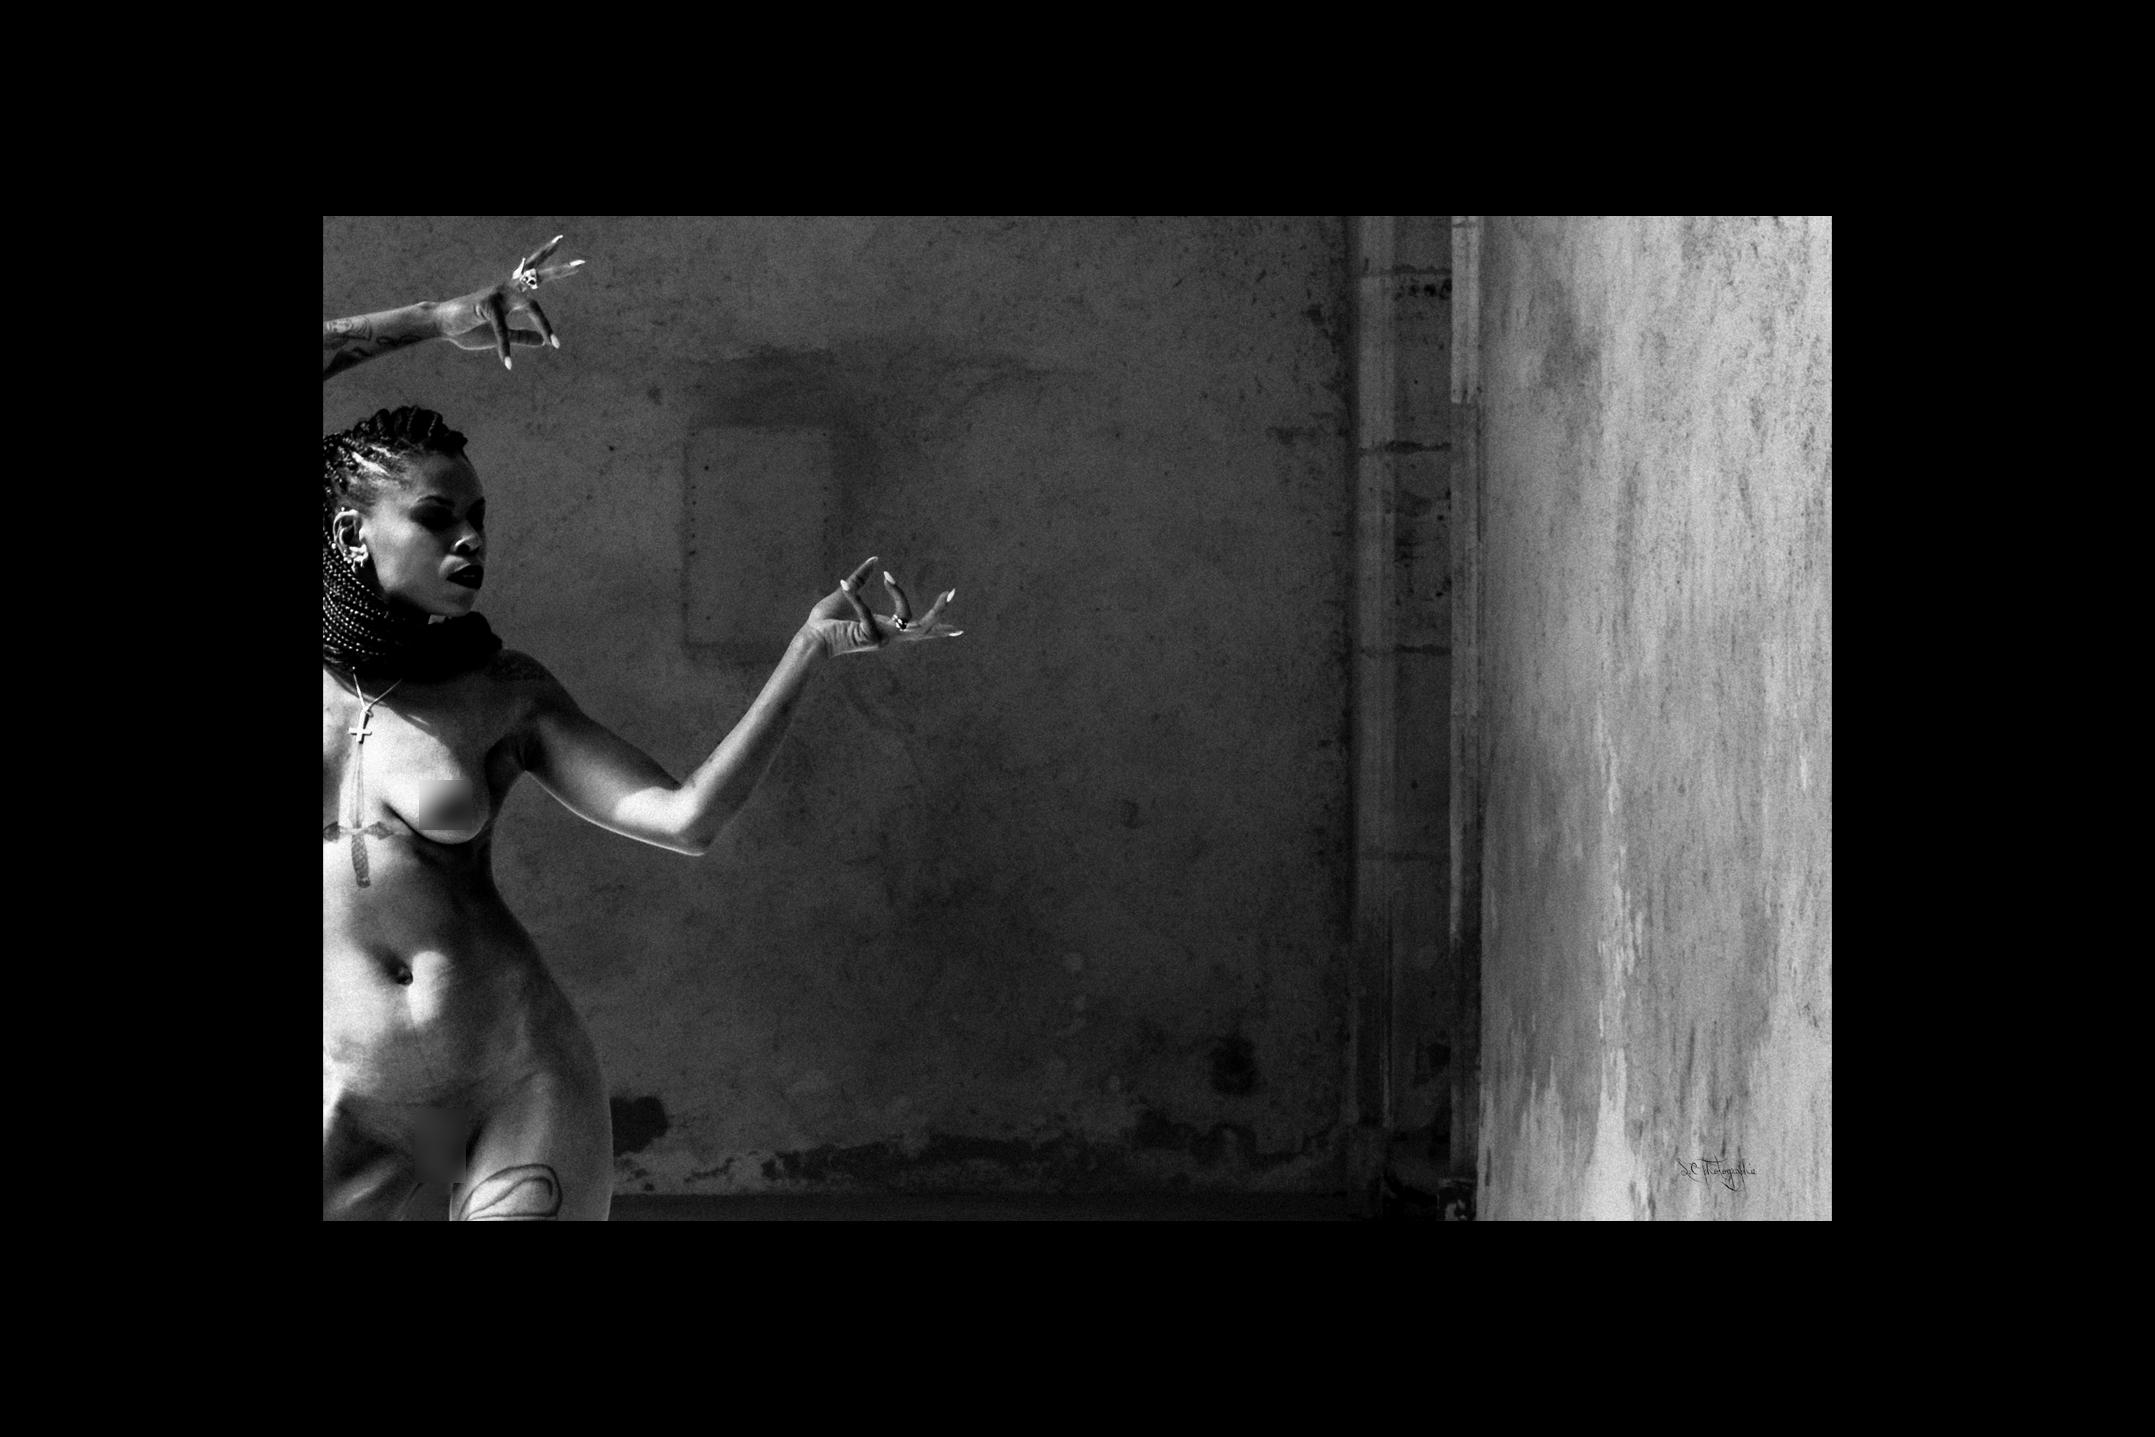 Be BaRocK by Sylvia Casagrande